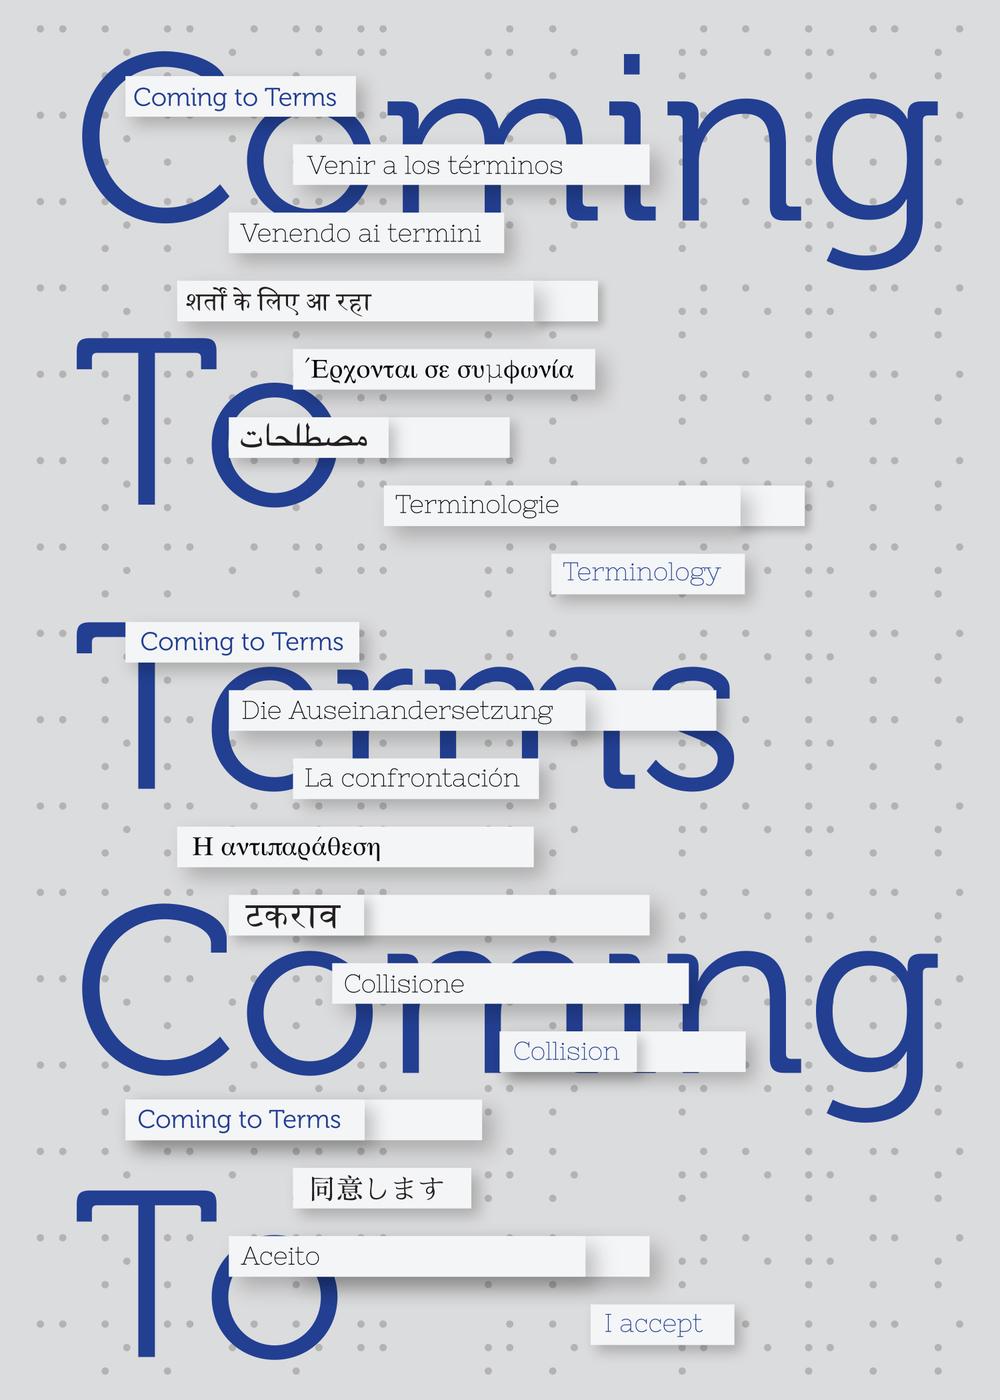 ComingToTerms_card_print